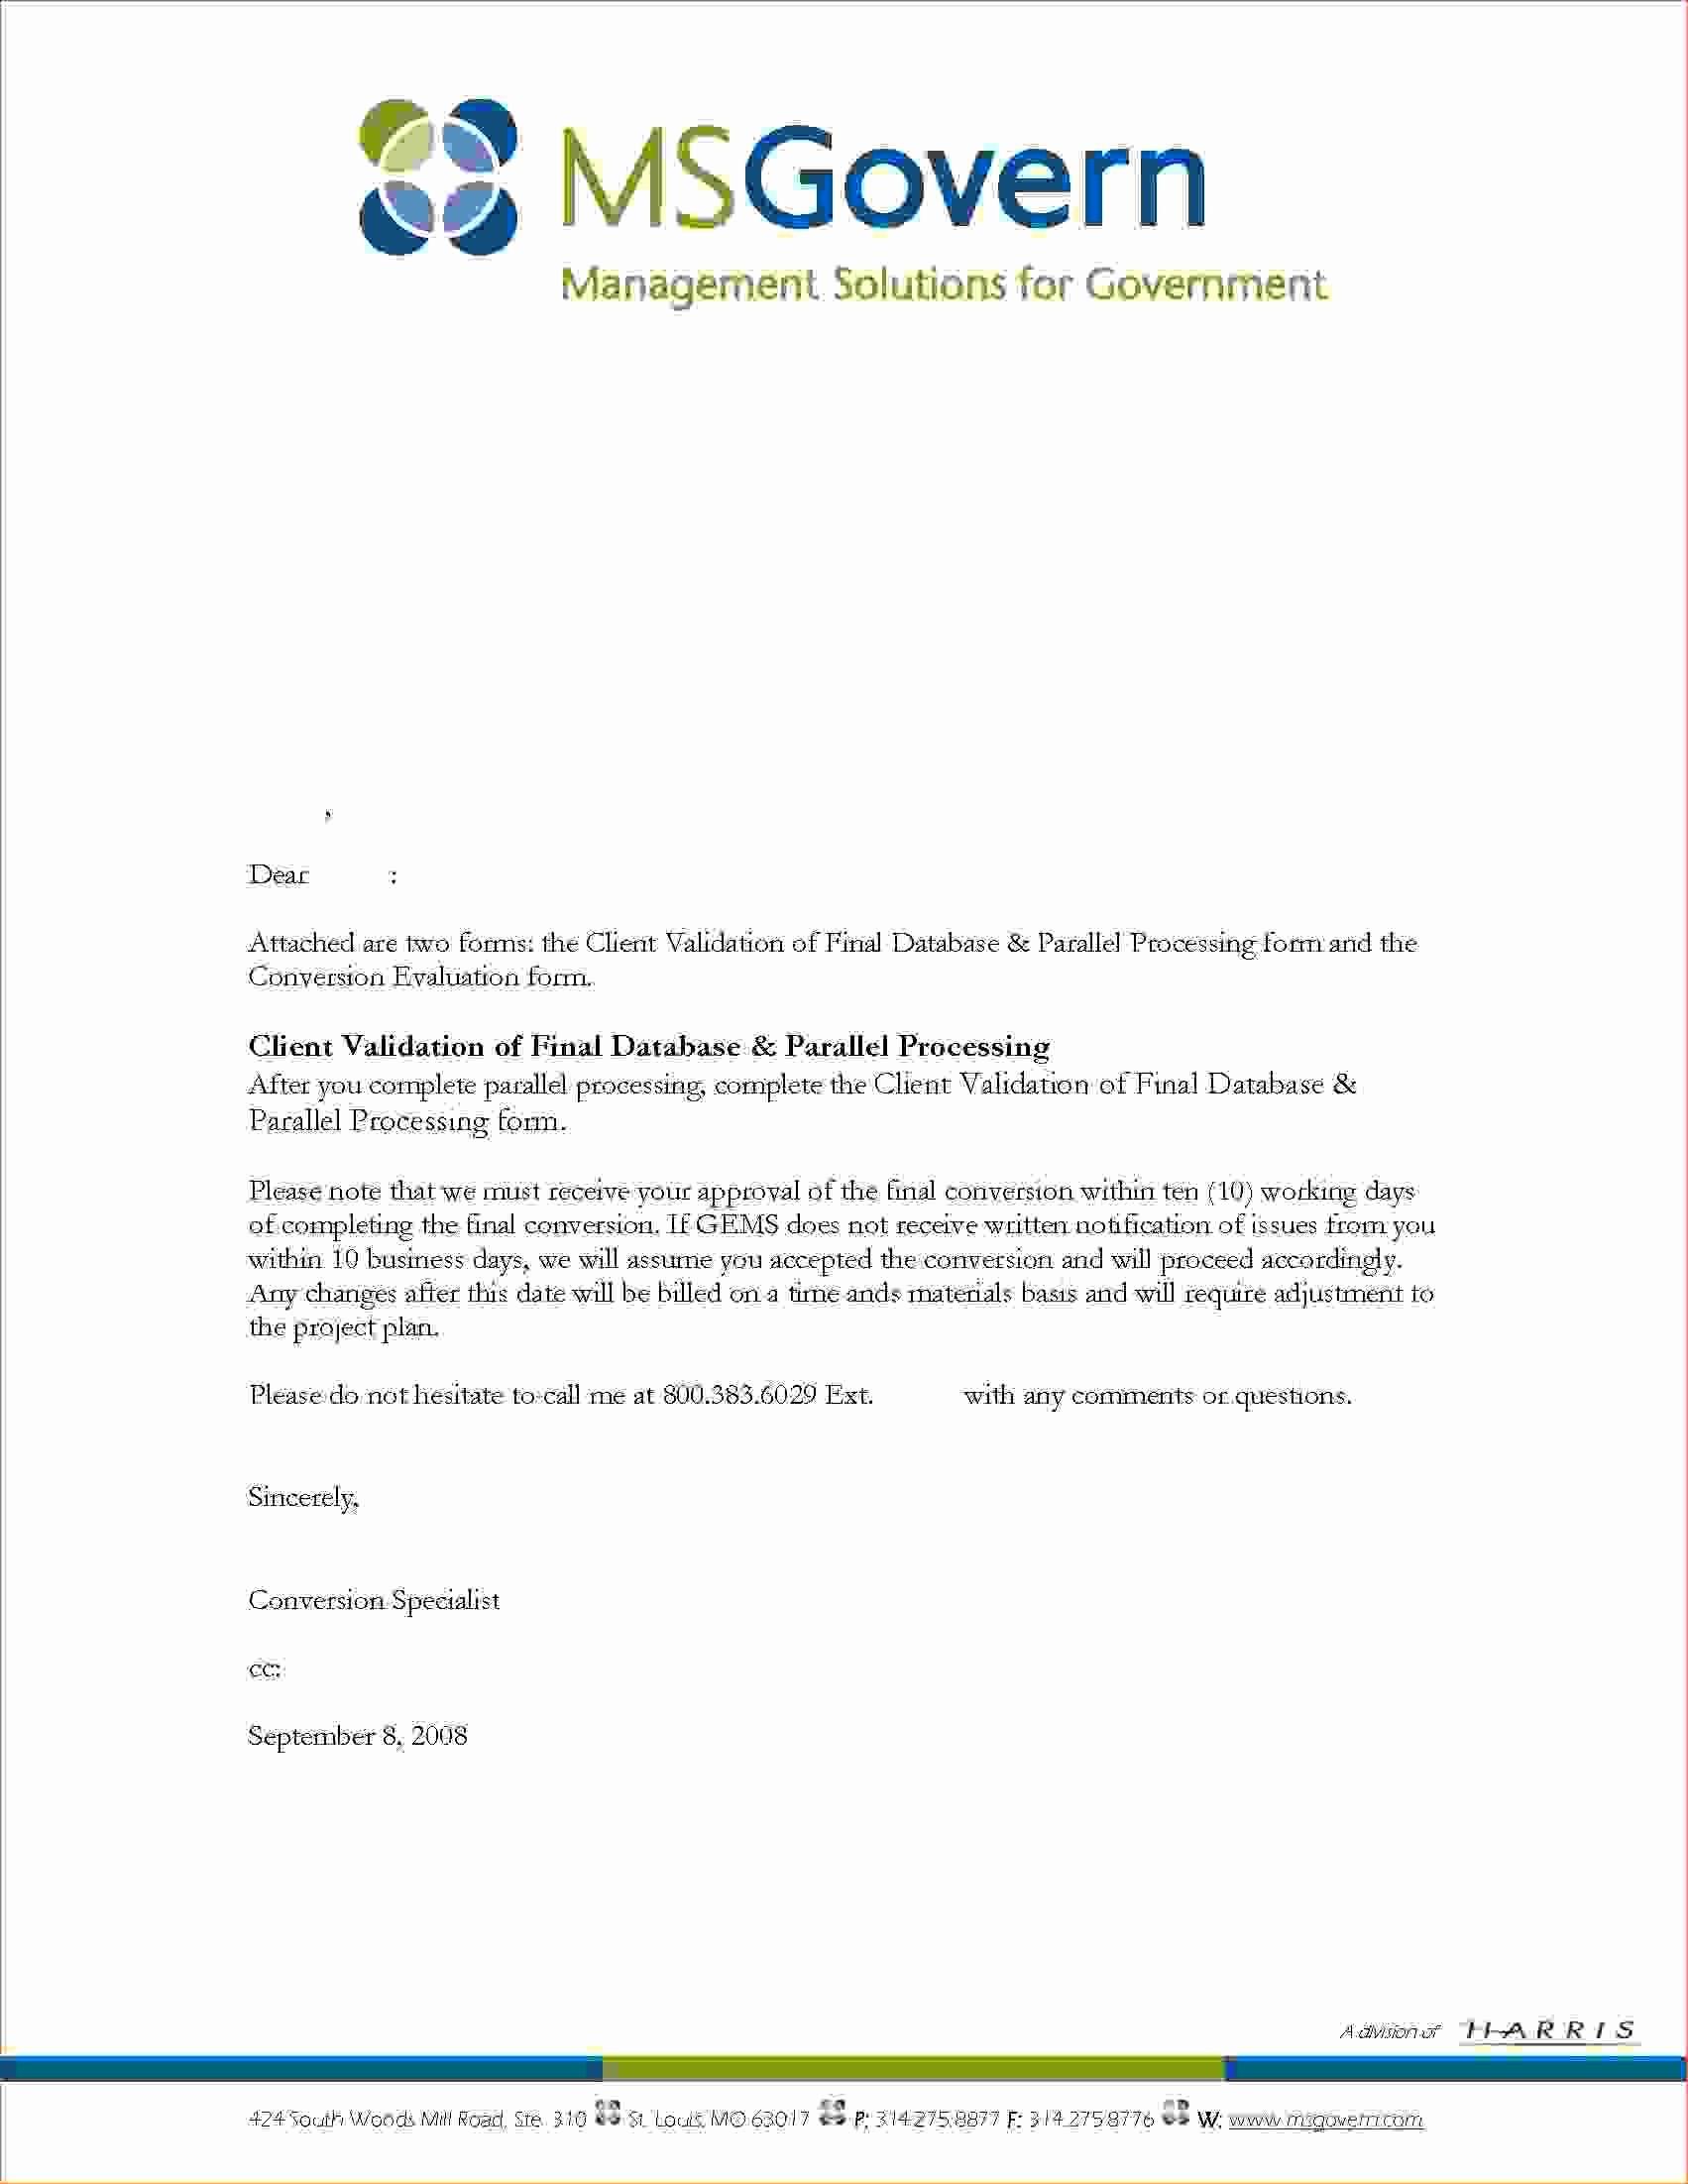 Sample Business Letter On Letterhead Luxury 6 Sample Letter Head